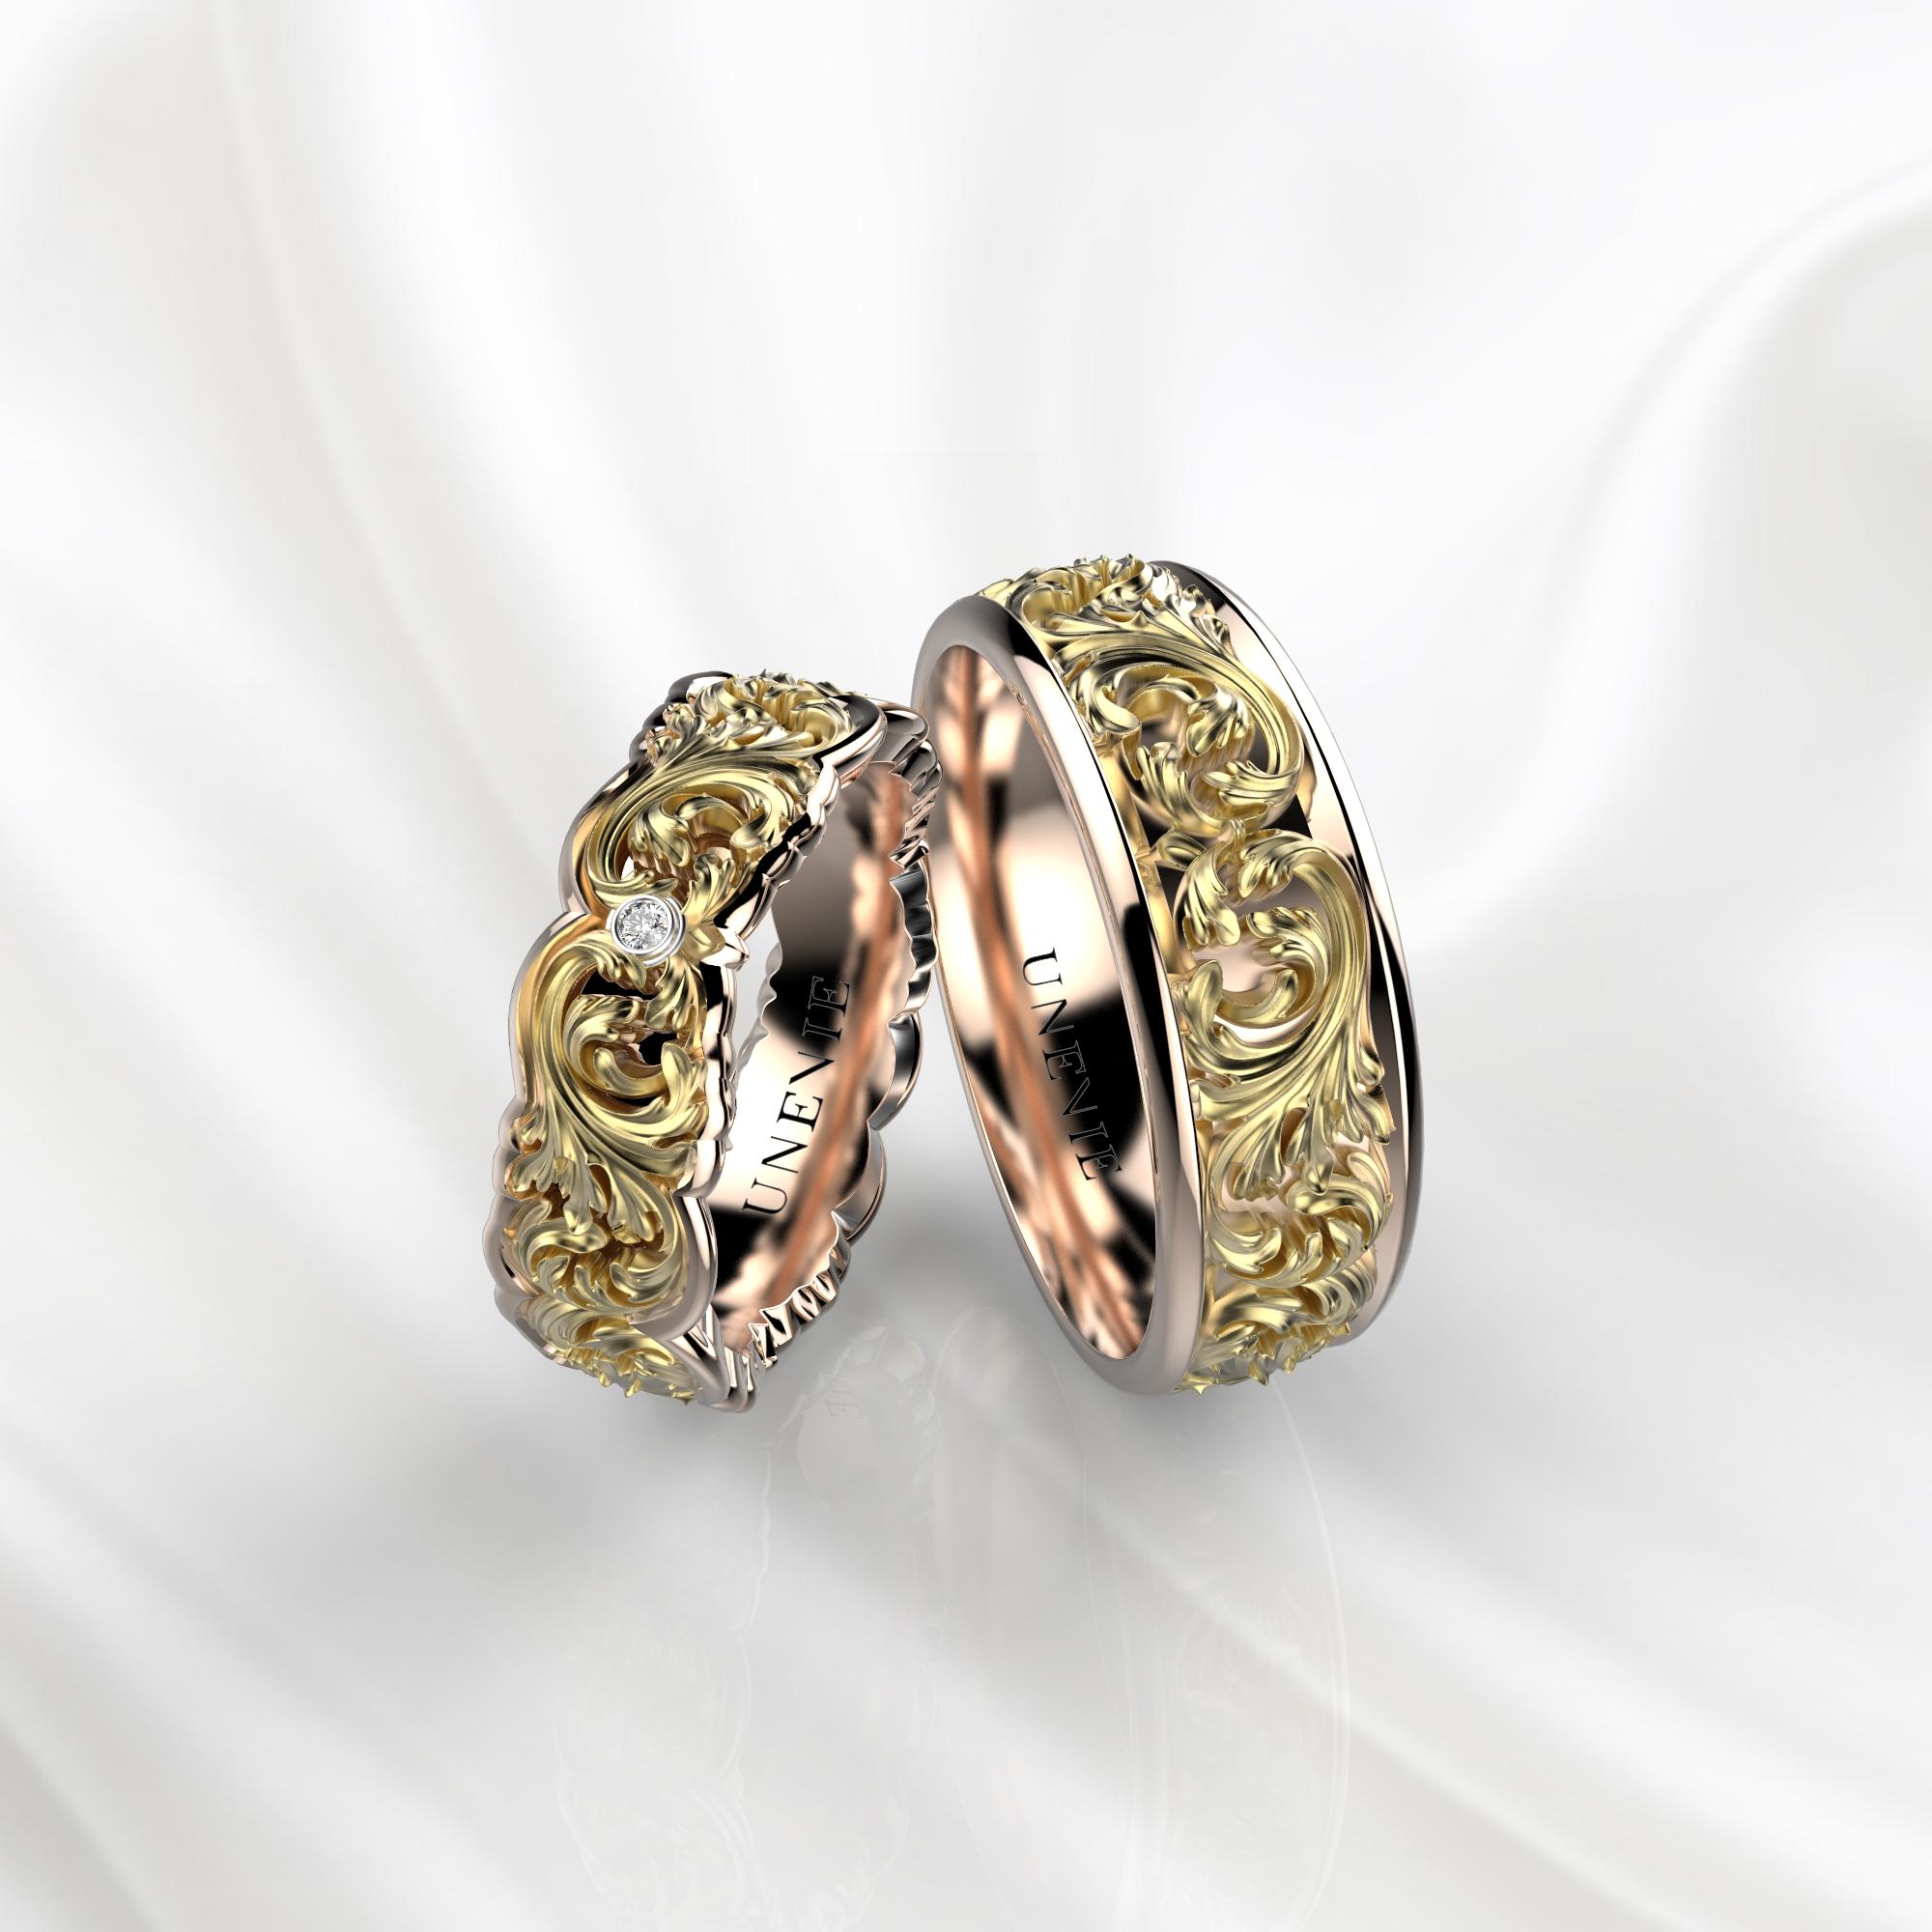 NV33 Обручальные кольца из розово-желтого золота с бриллиантами